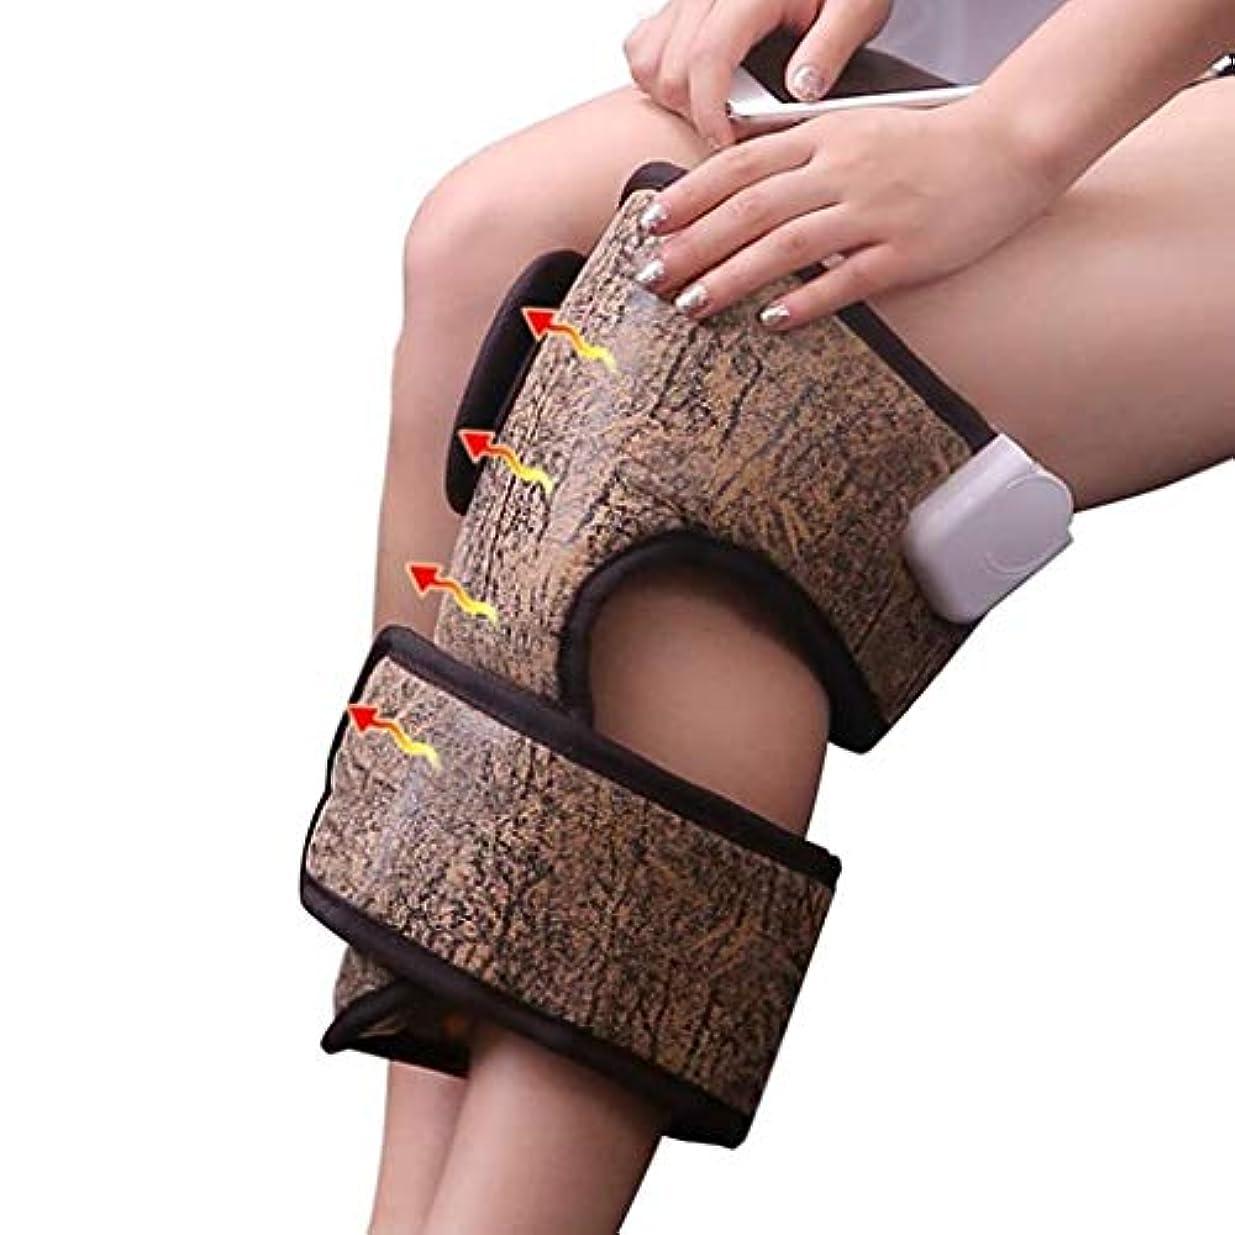 主権者樹皮インタラクションニーニーウォーマー、電動マッサージャー、外部トルマリンニーパッド、電熱療法、足の痛みを改善するためのマイナスイオンと暖かい健康機器